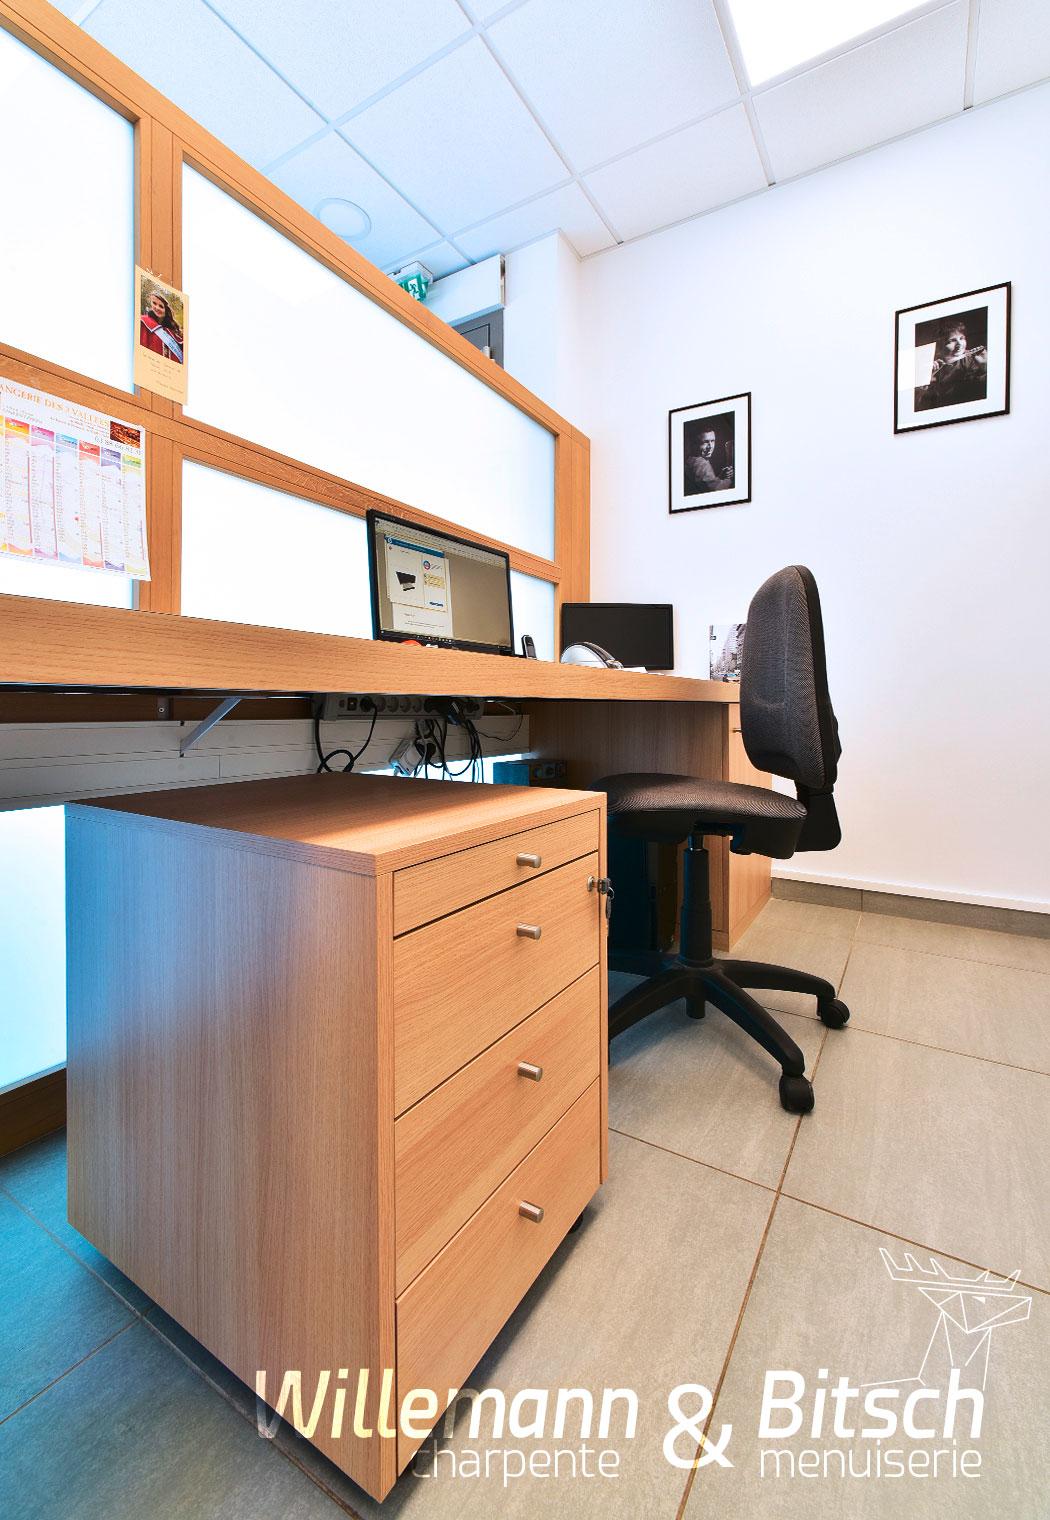 Cernay - espace de travail avec mobilié personnalisable pratique et adapté à votre quotidien